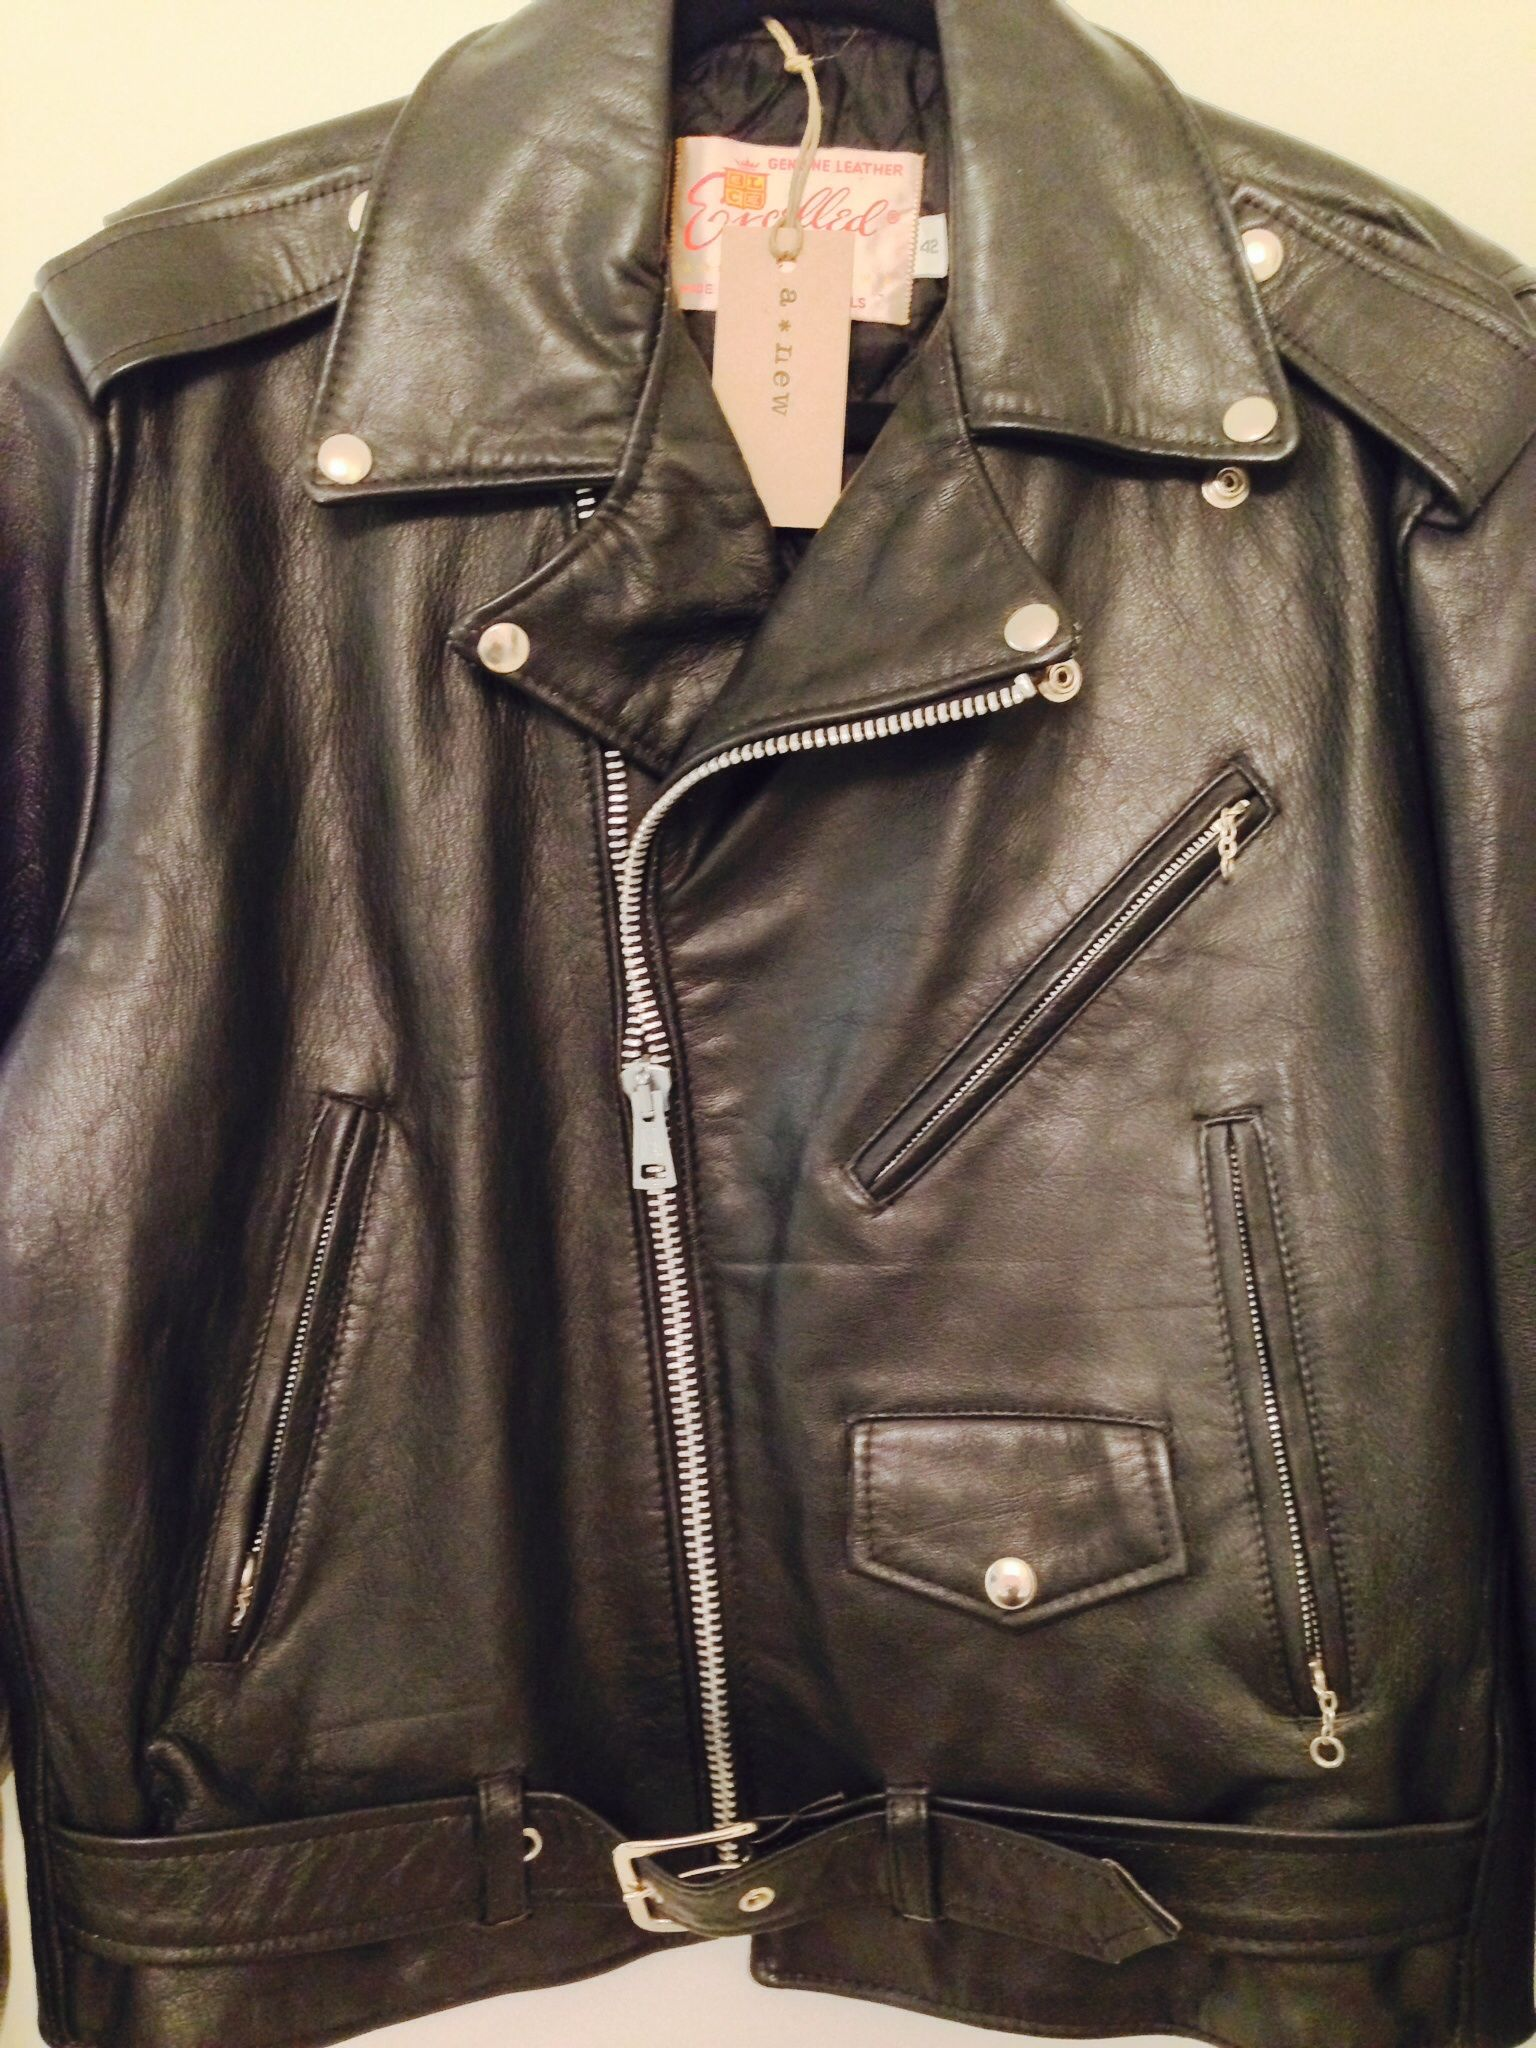 Excelled Vintage Leather Biker Jacket Men S Size 42 Made In Usa Leather Bike Jacket Bike Jacket Men Biker Jacket Men [ 2048 x 1536 Pixel ]